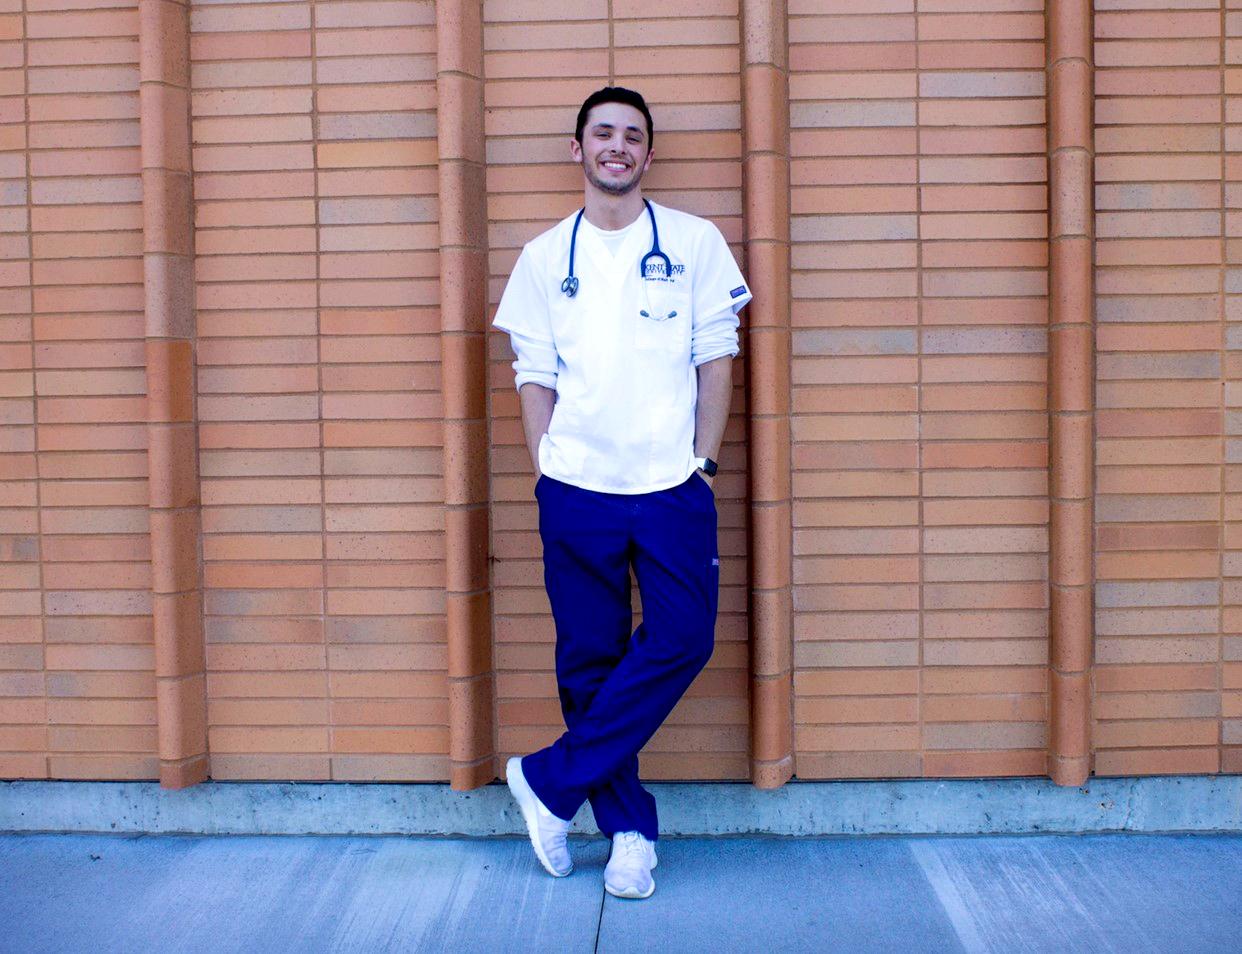 Healthcare worker in scrubs